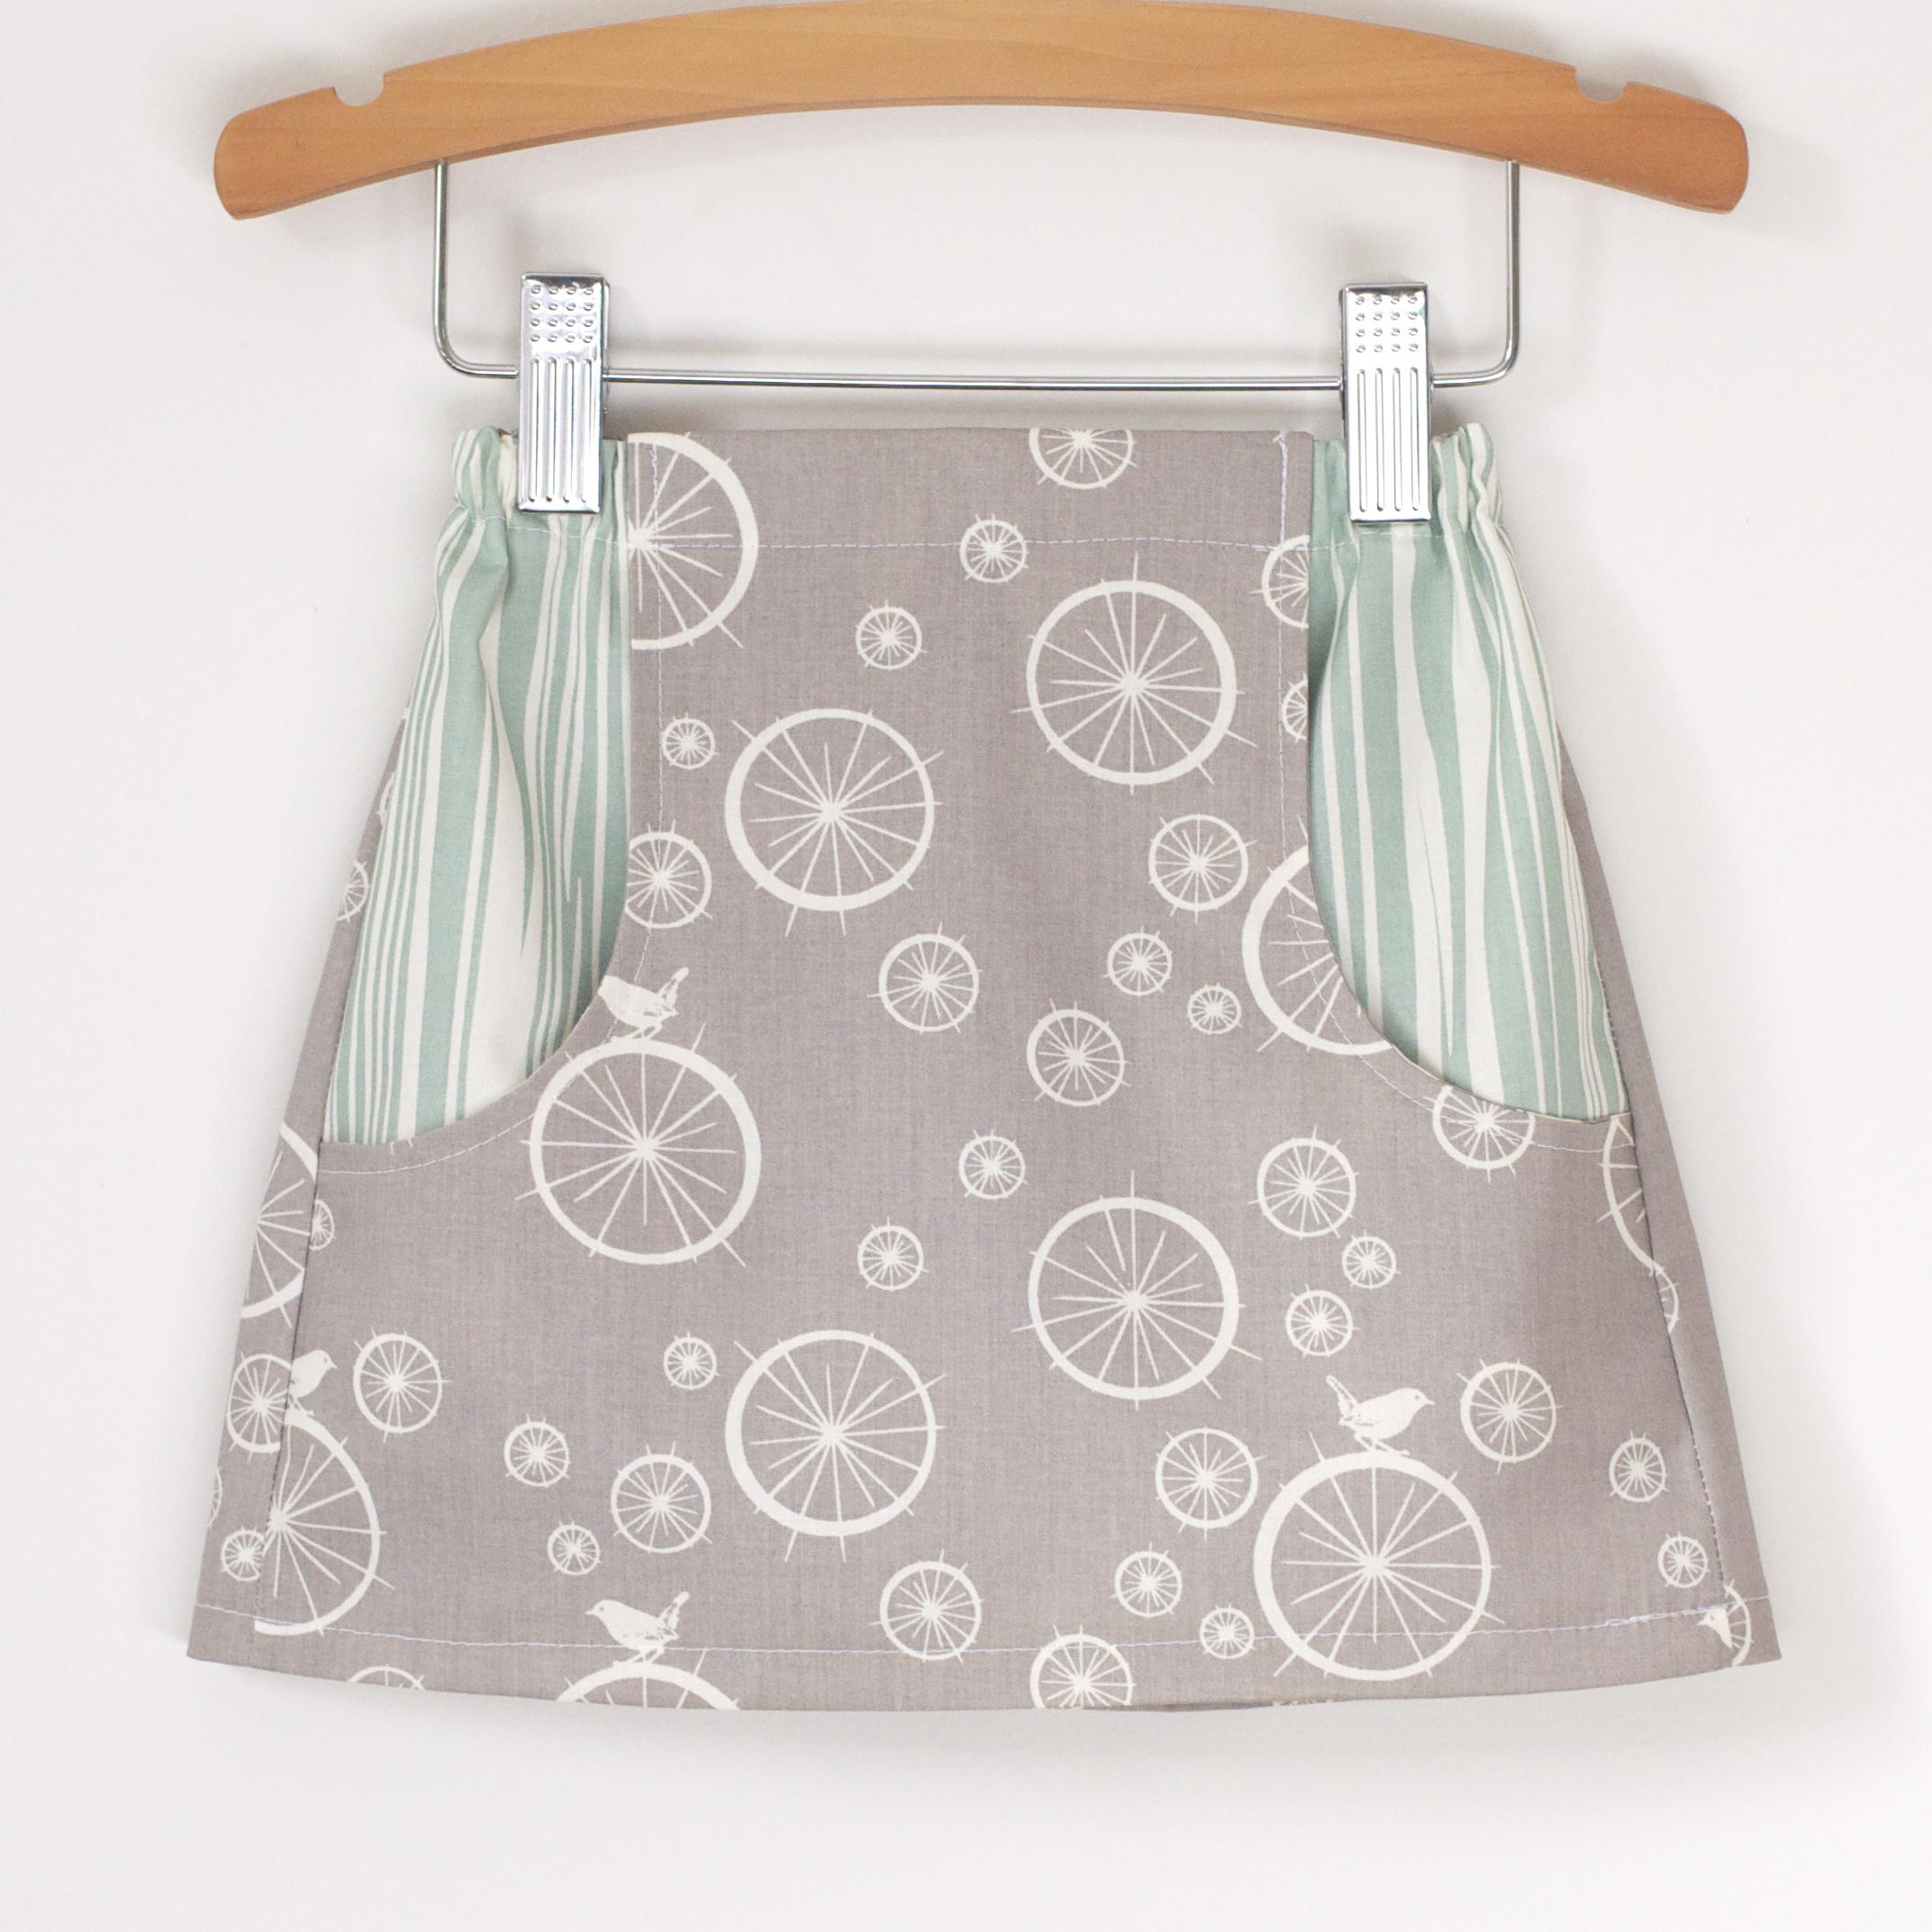 Explorer Skirt - digital girls skirt pattern - Hey There Threads